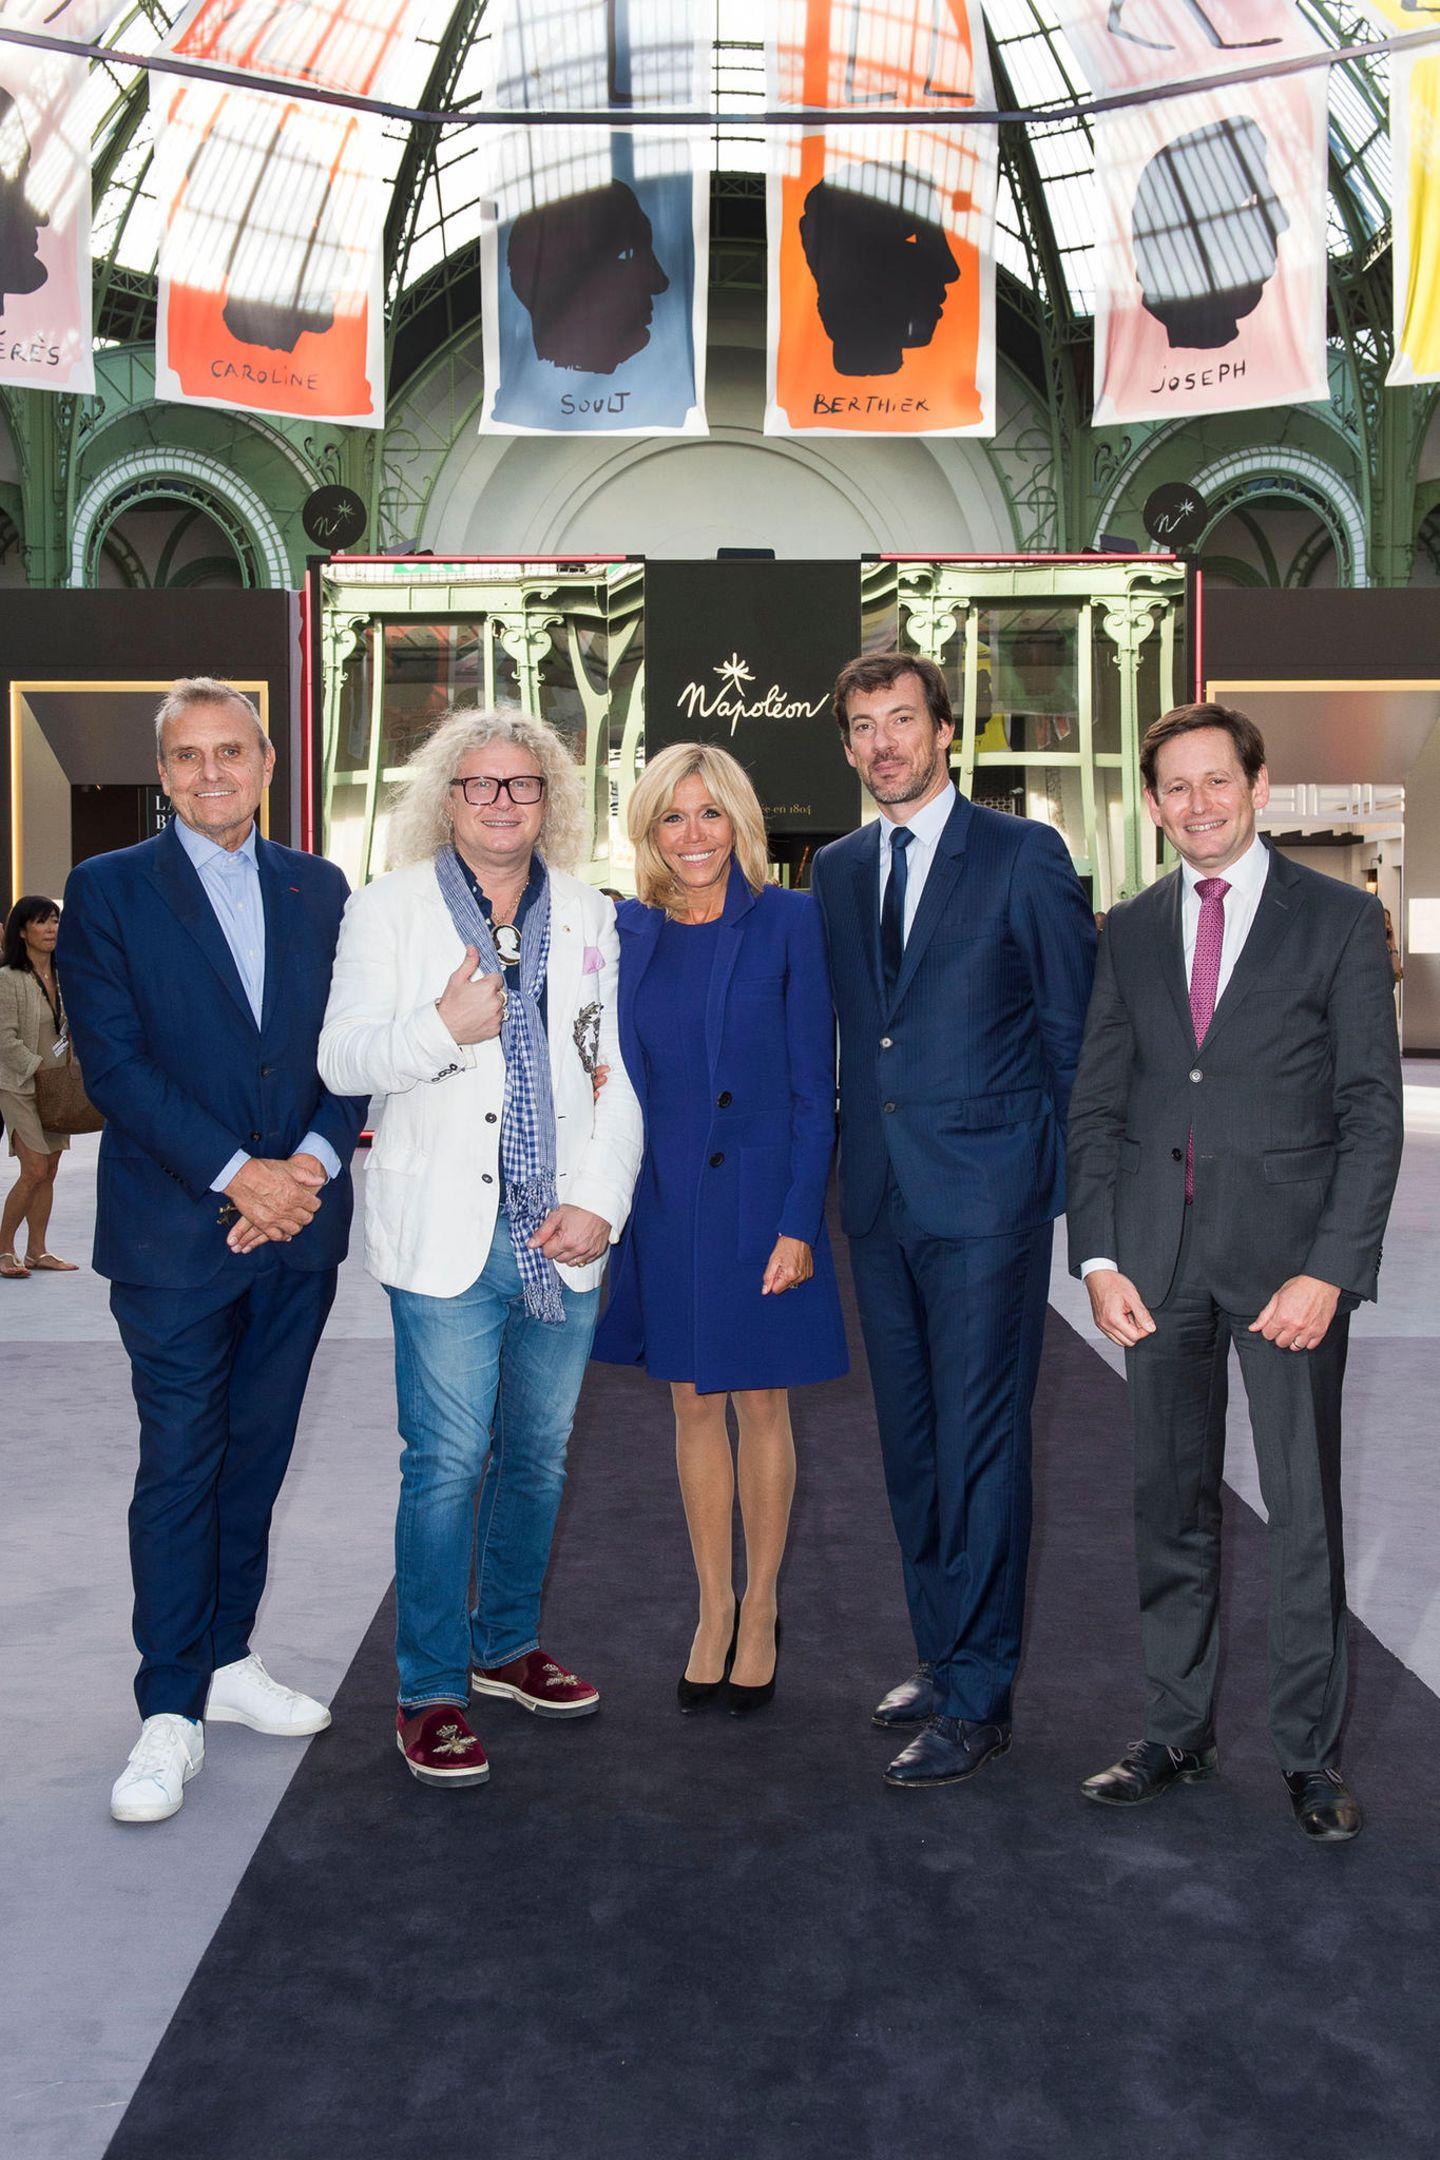 Die Biennale in Paris feiert in diesem Jahr ihr 30. Jubiläum, unddie kunstinteressierte Brigitte Macronbesucht die Ausstellung im Grand Palais im eleganten, royalblauen Ensemble.